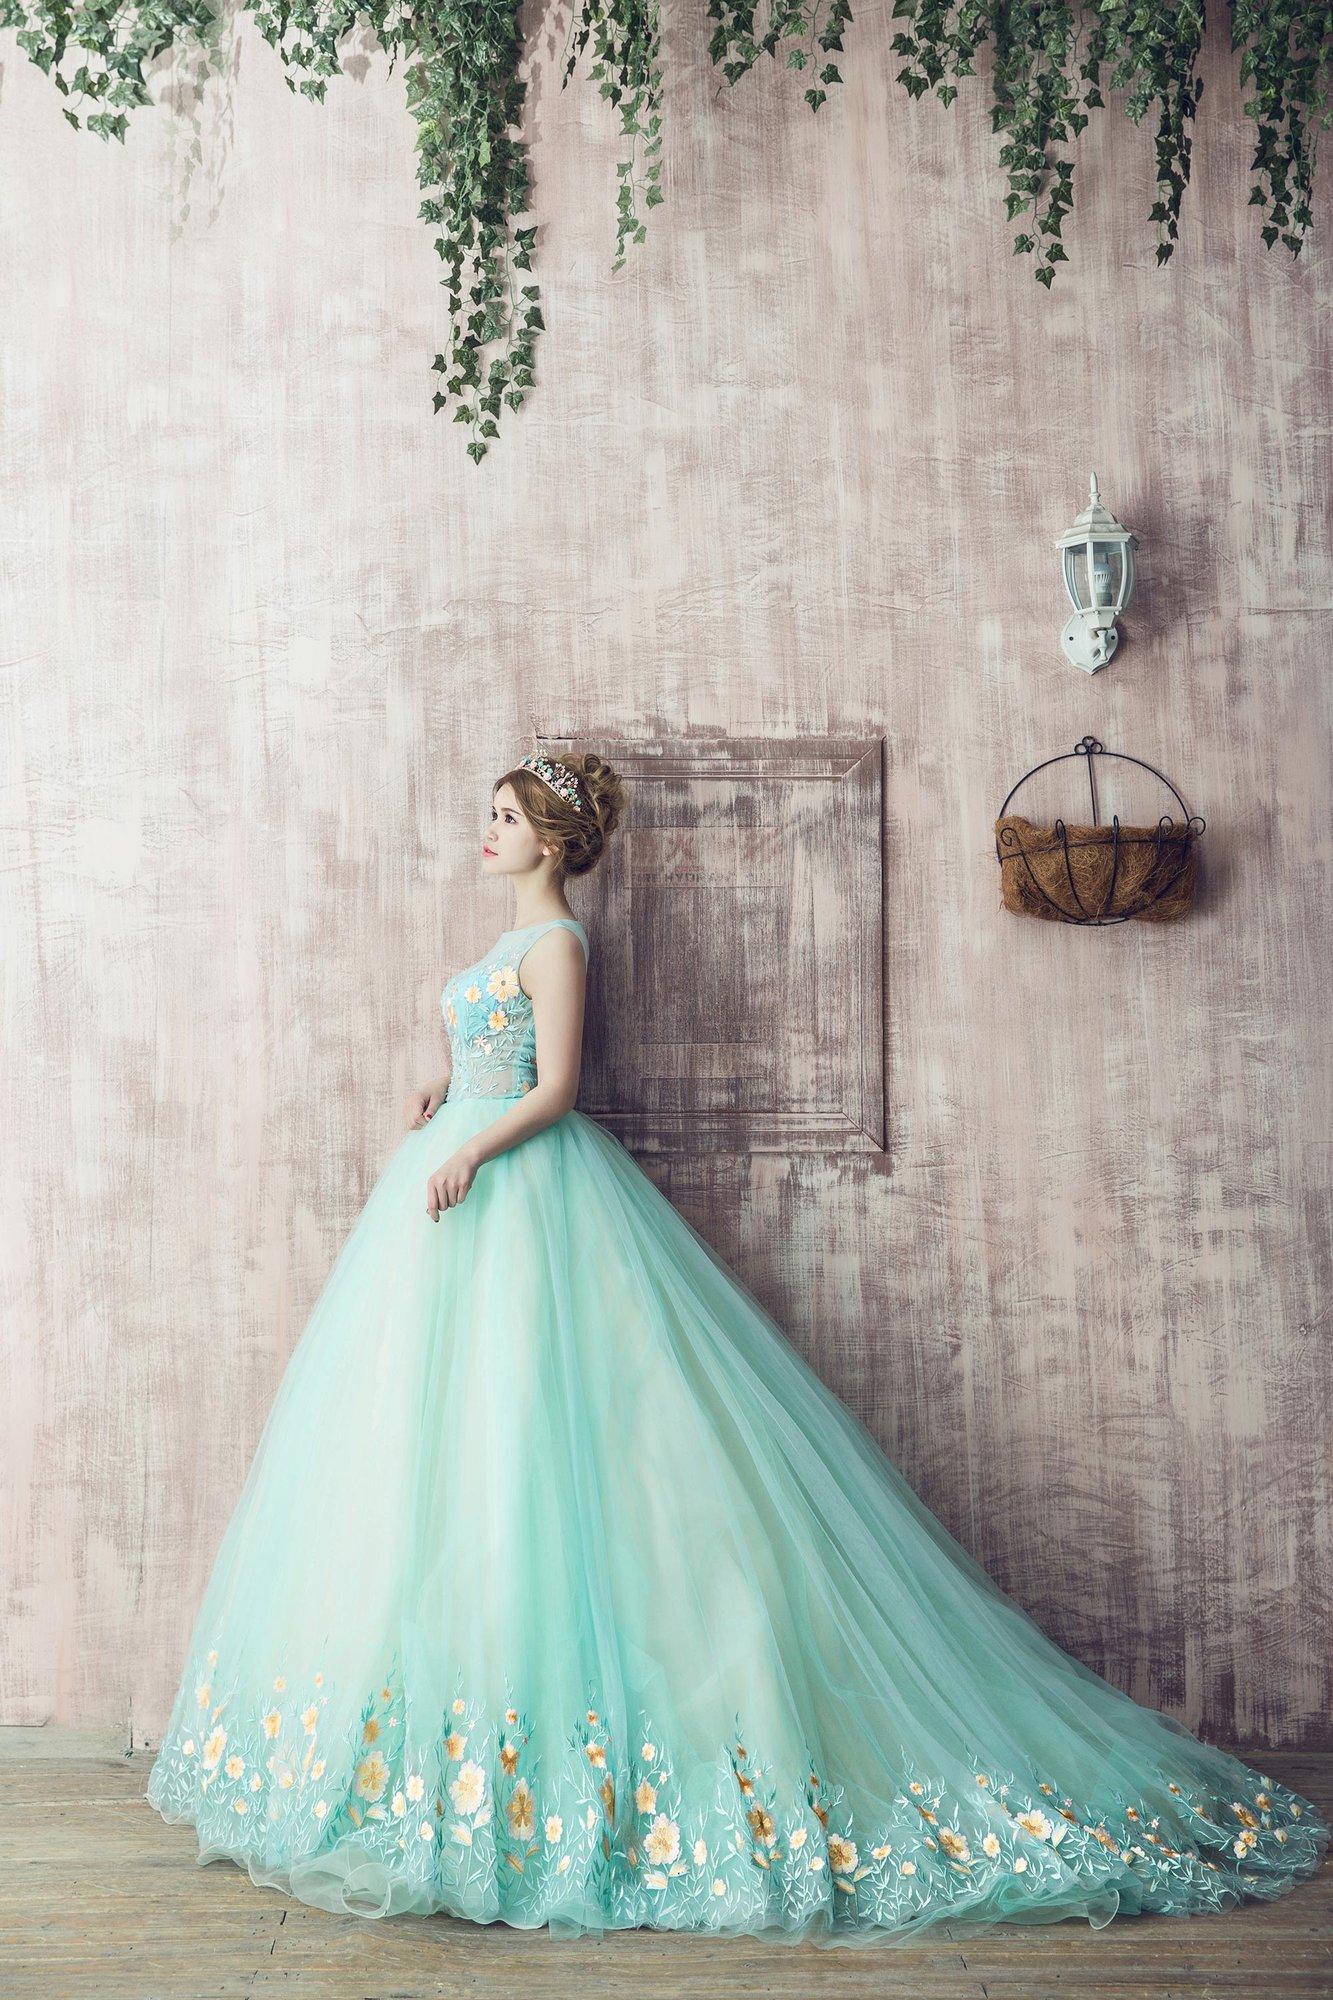 婚纱拍多少钱_现在拍一套婚纱照大概需要多少钱?